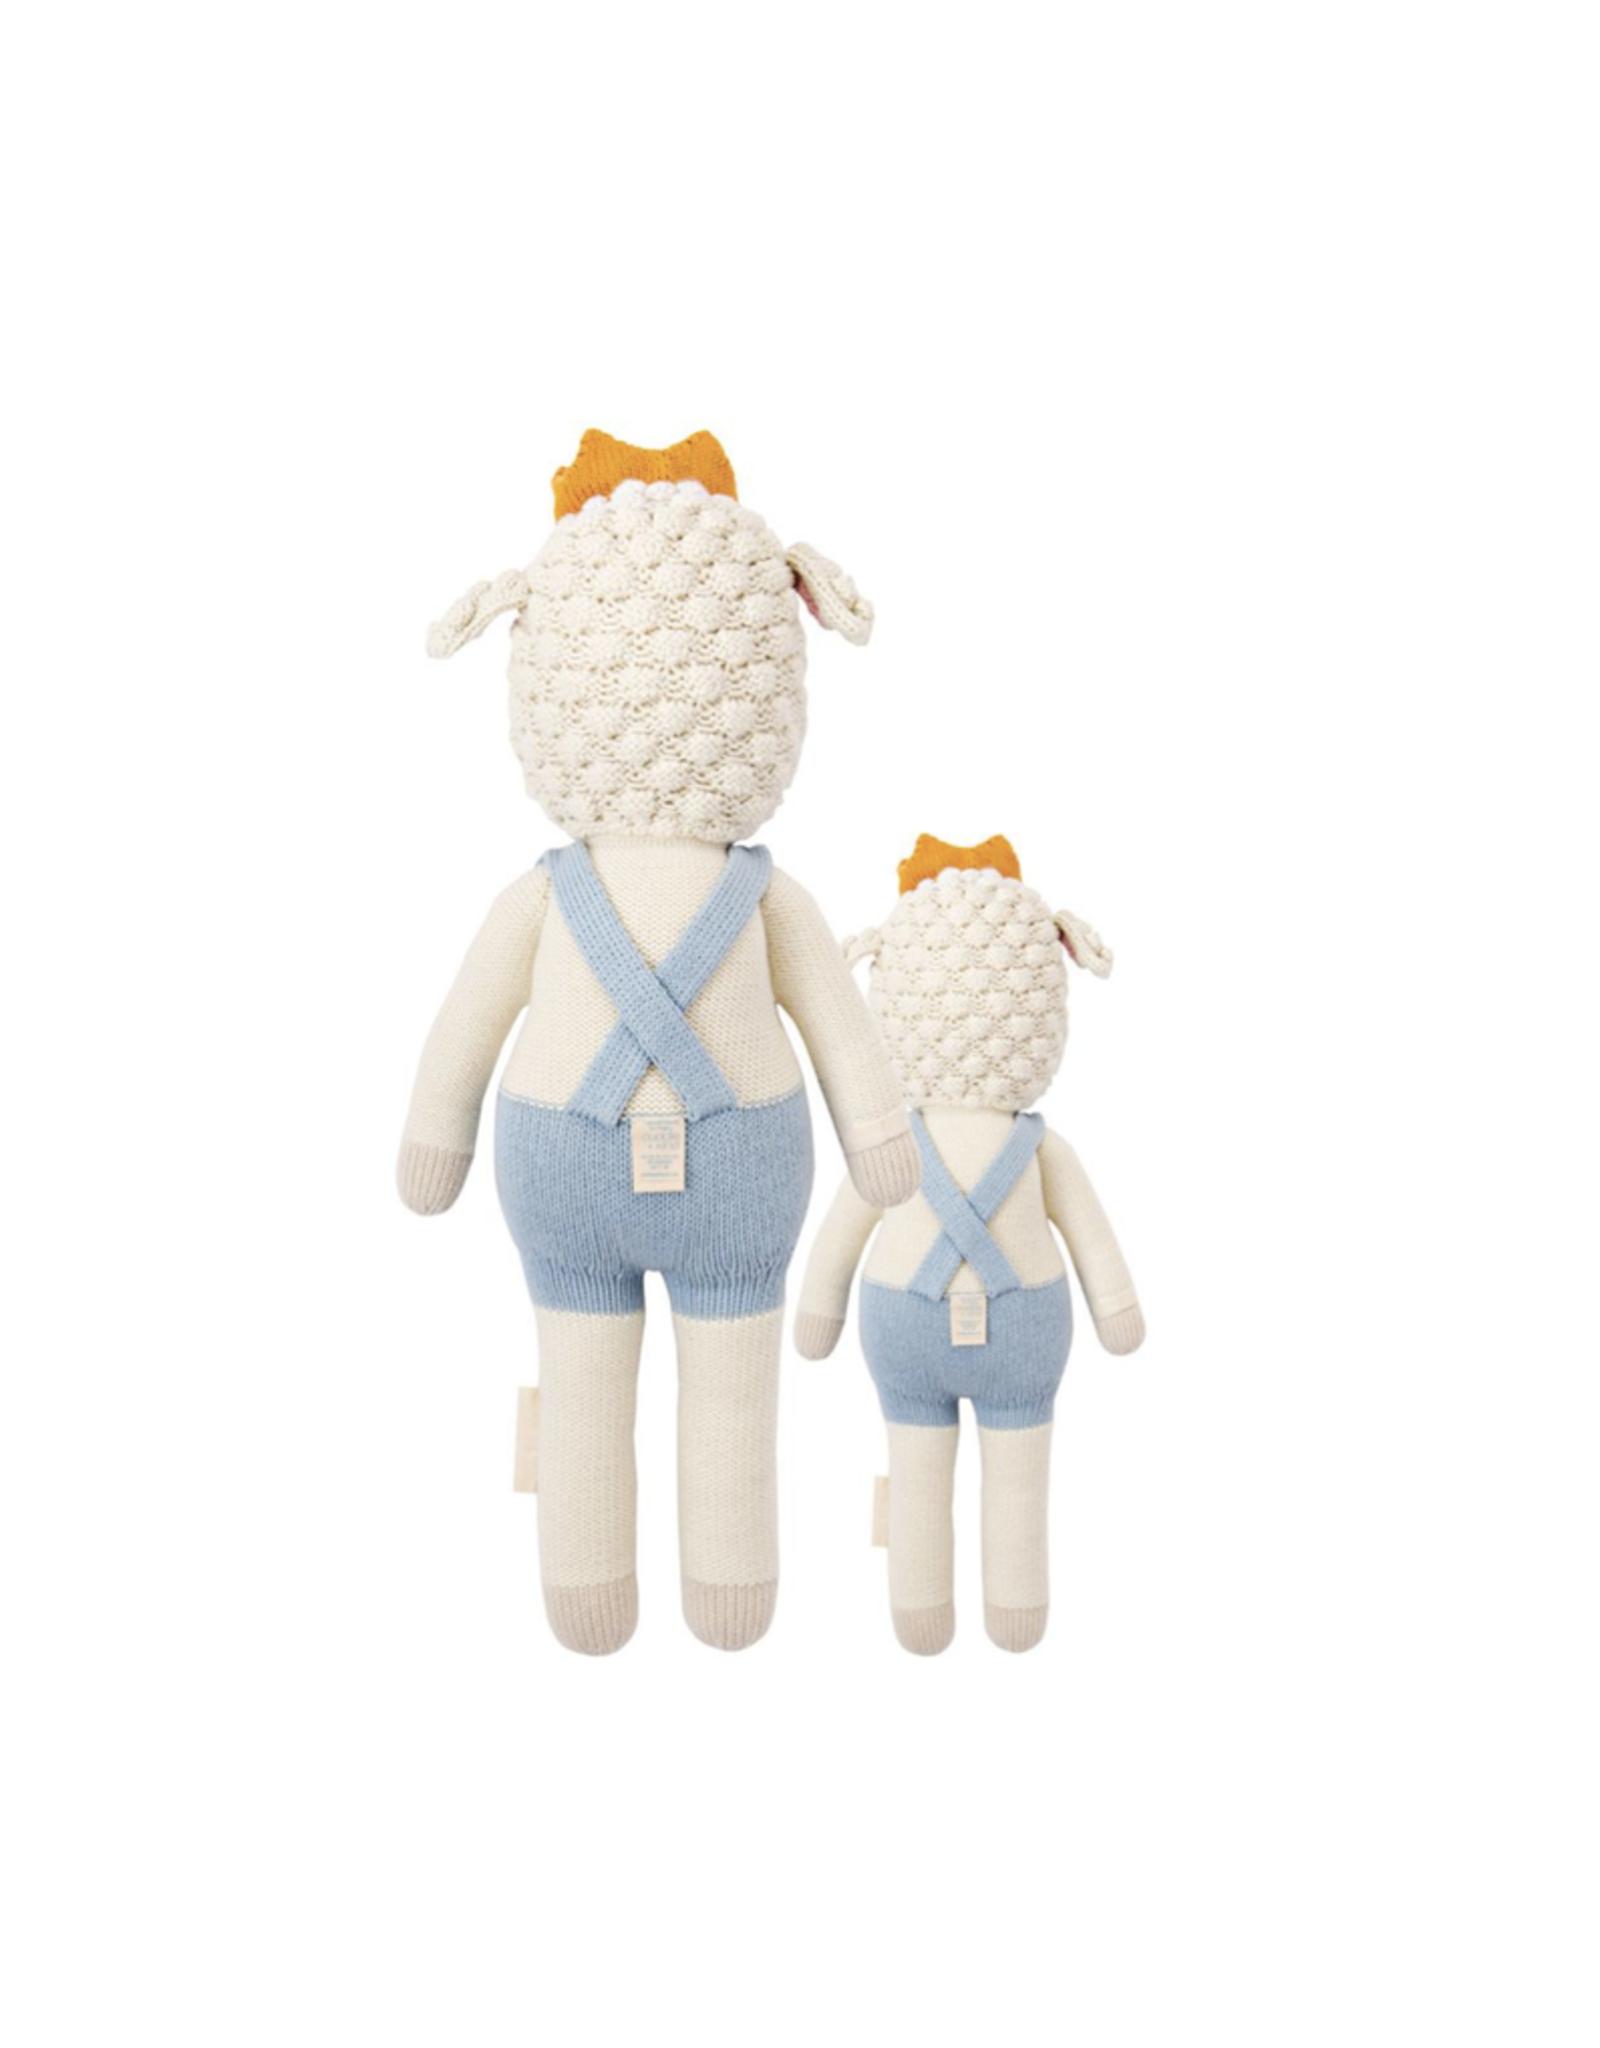 Sebastian the Lamb